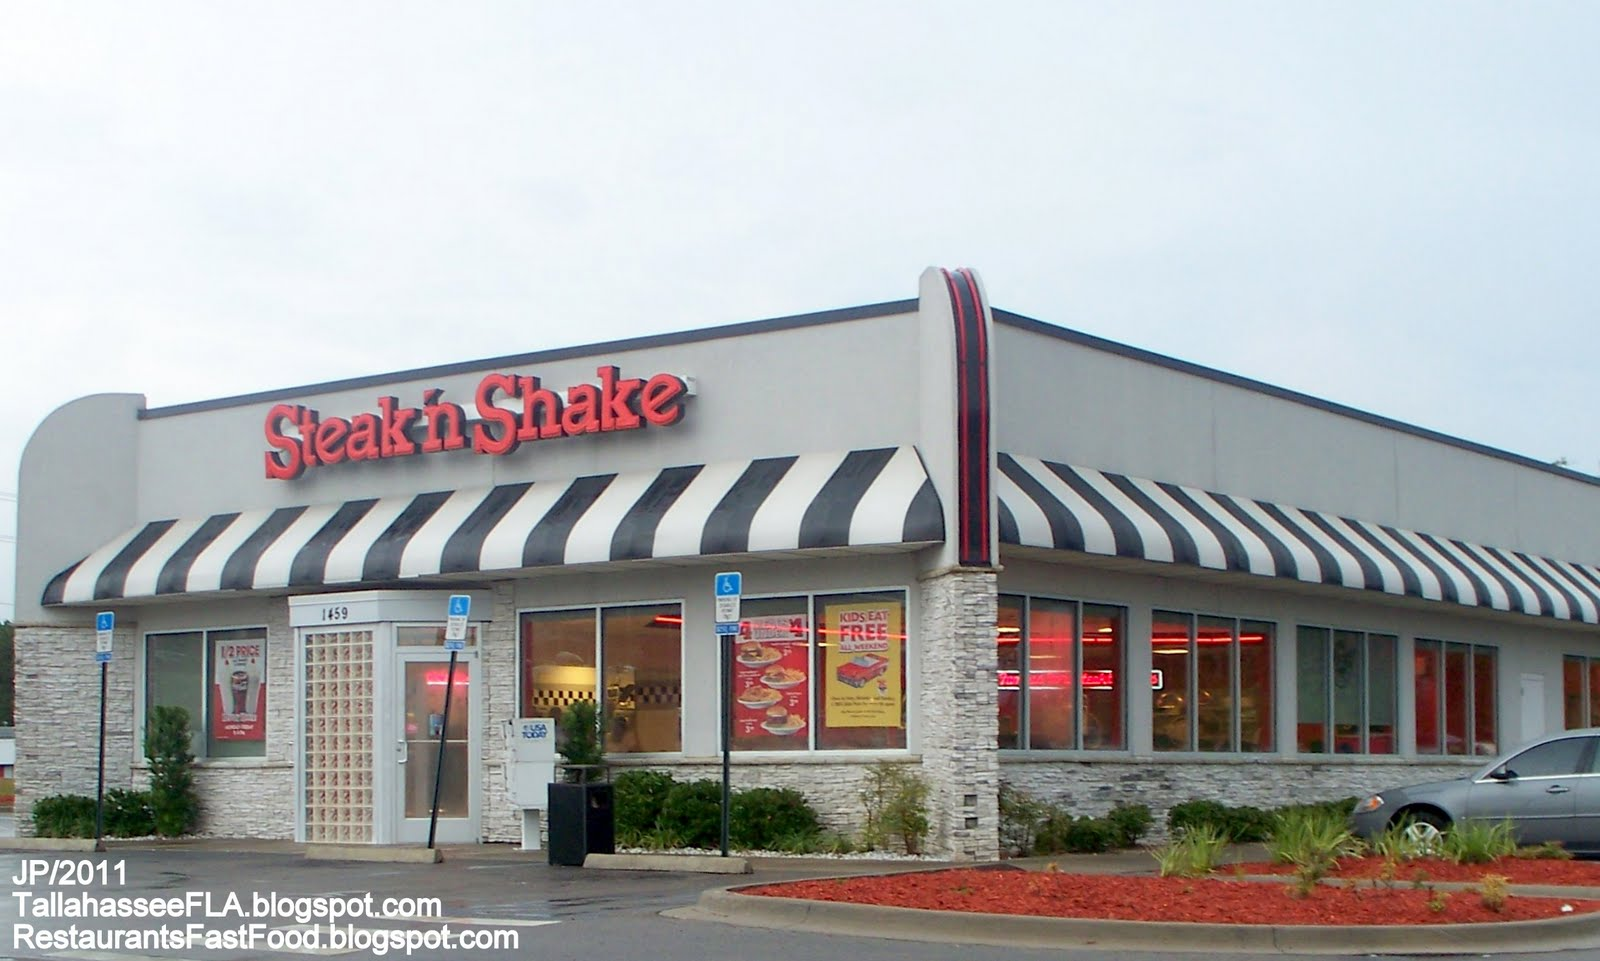 Fast Food Restaurants In Tallahassee Fl